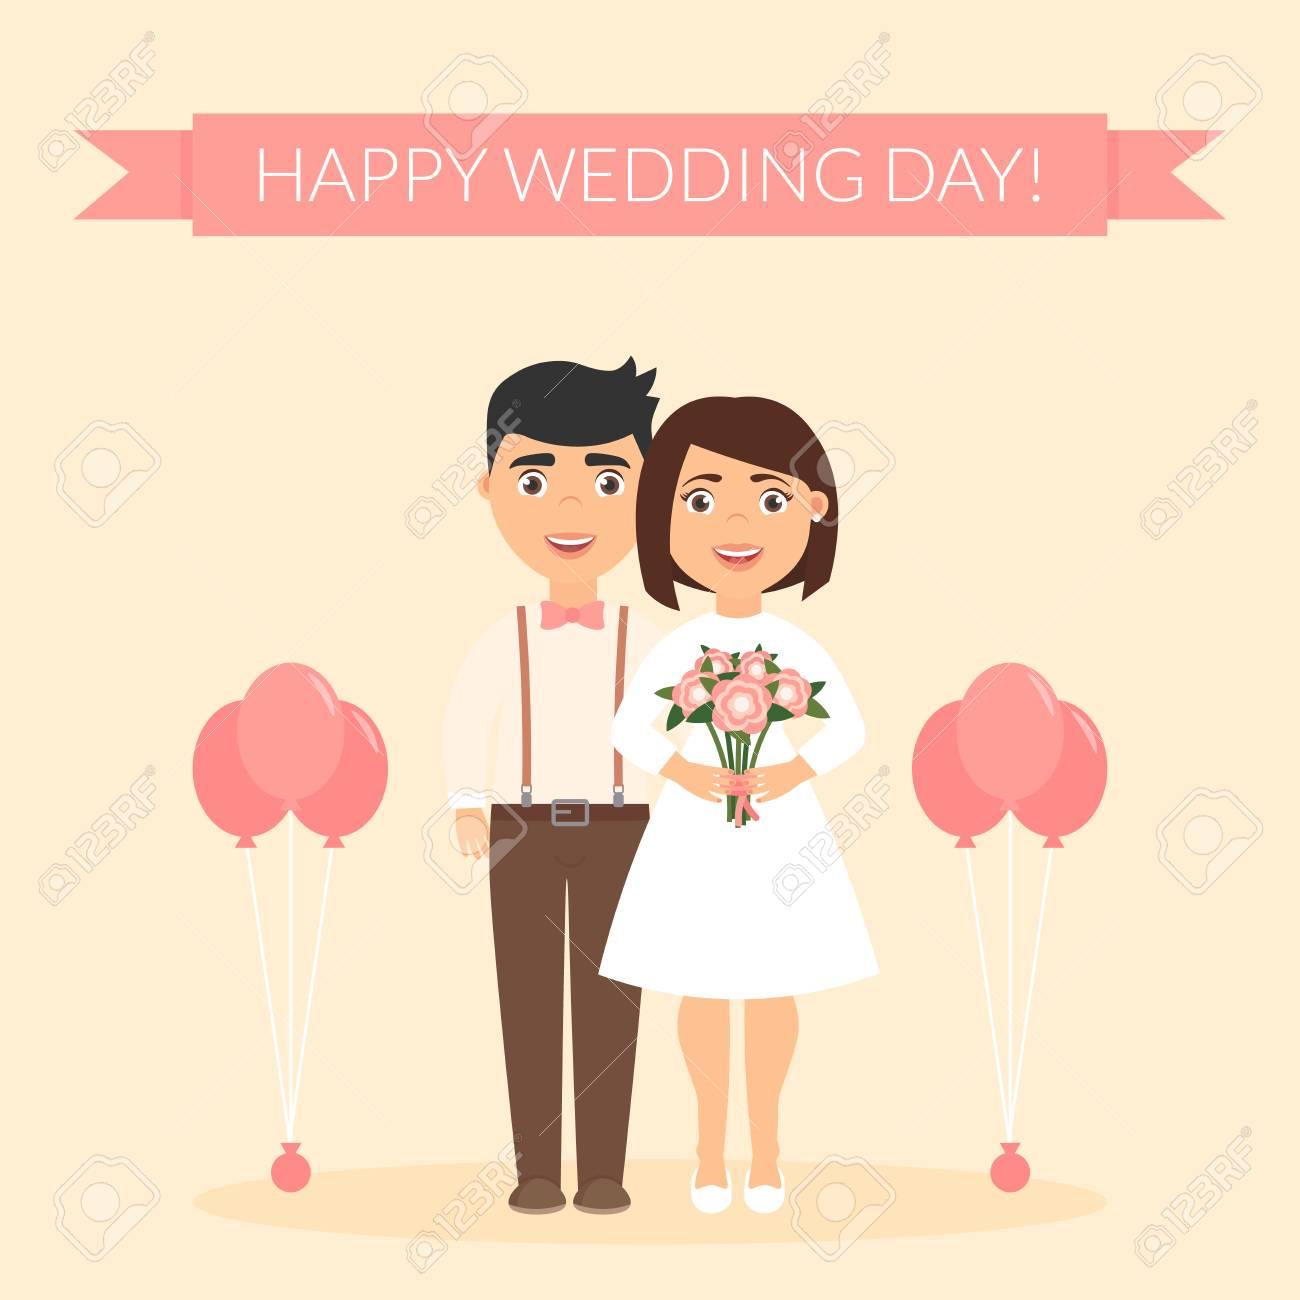 新婚夫婦のグリーティング カードお祝いベクター イラストです